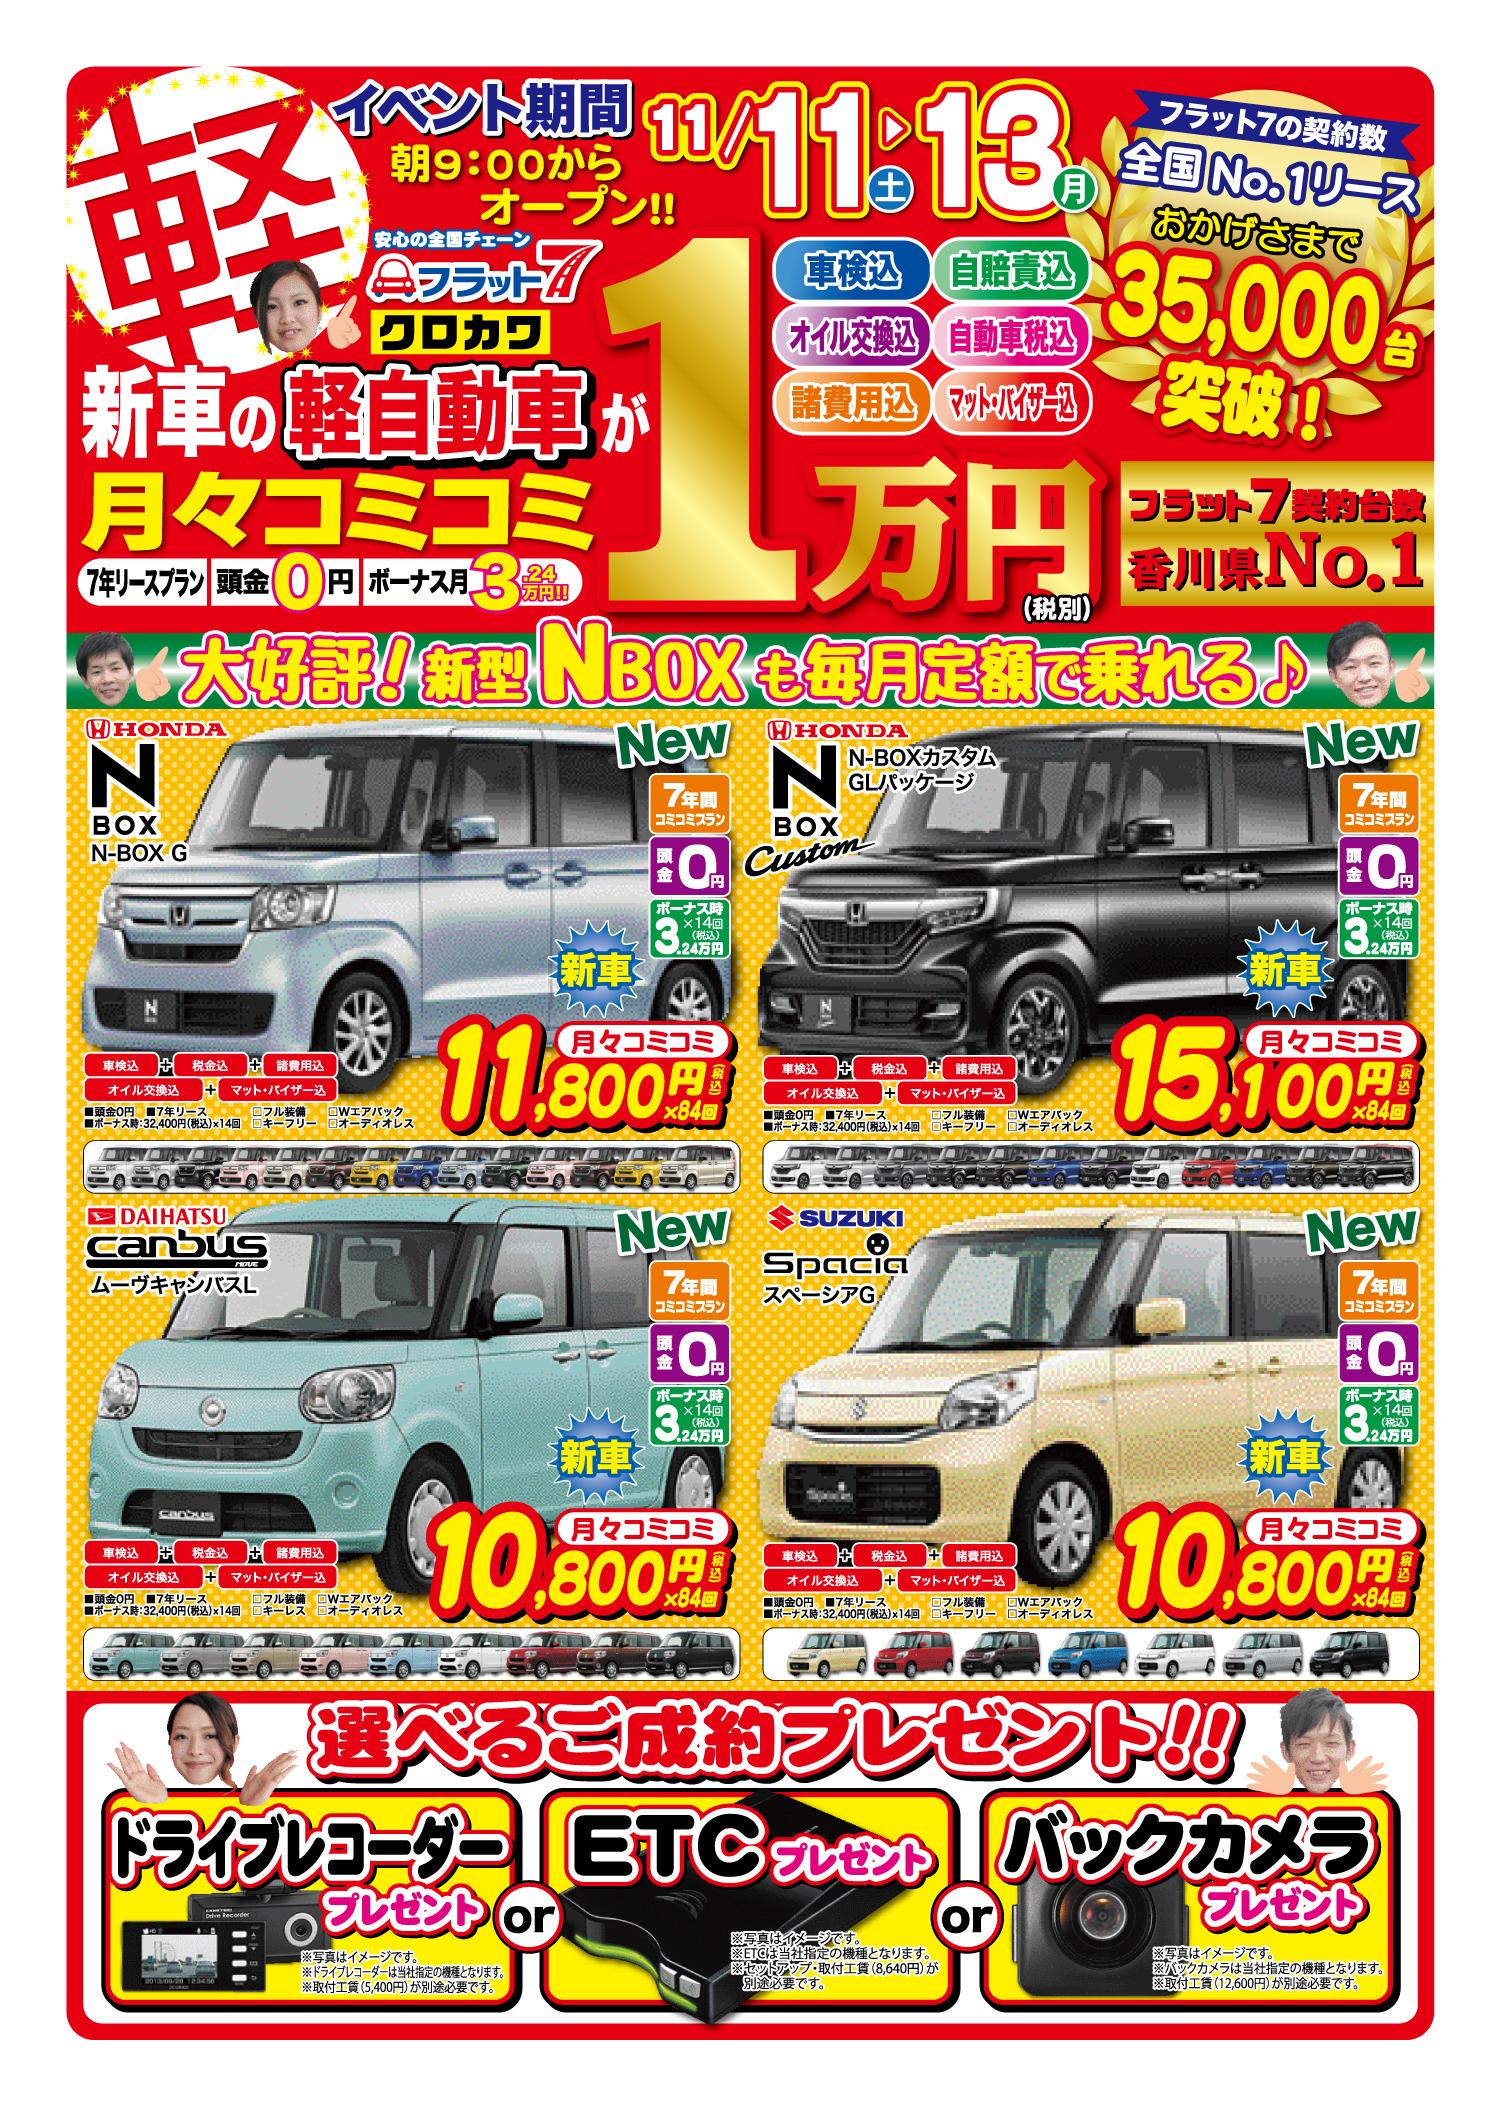 新車の軽自動車が月々コミコミ1万円〜!